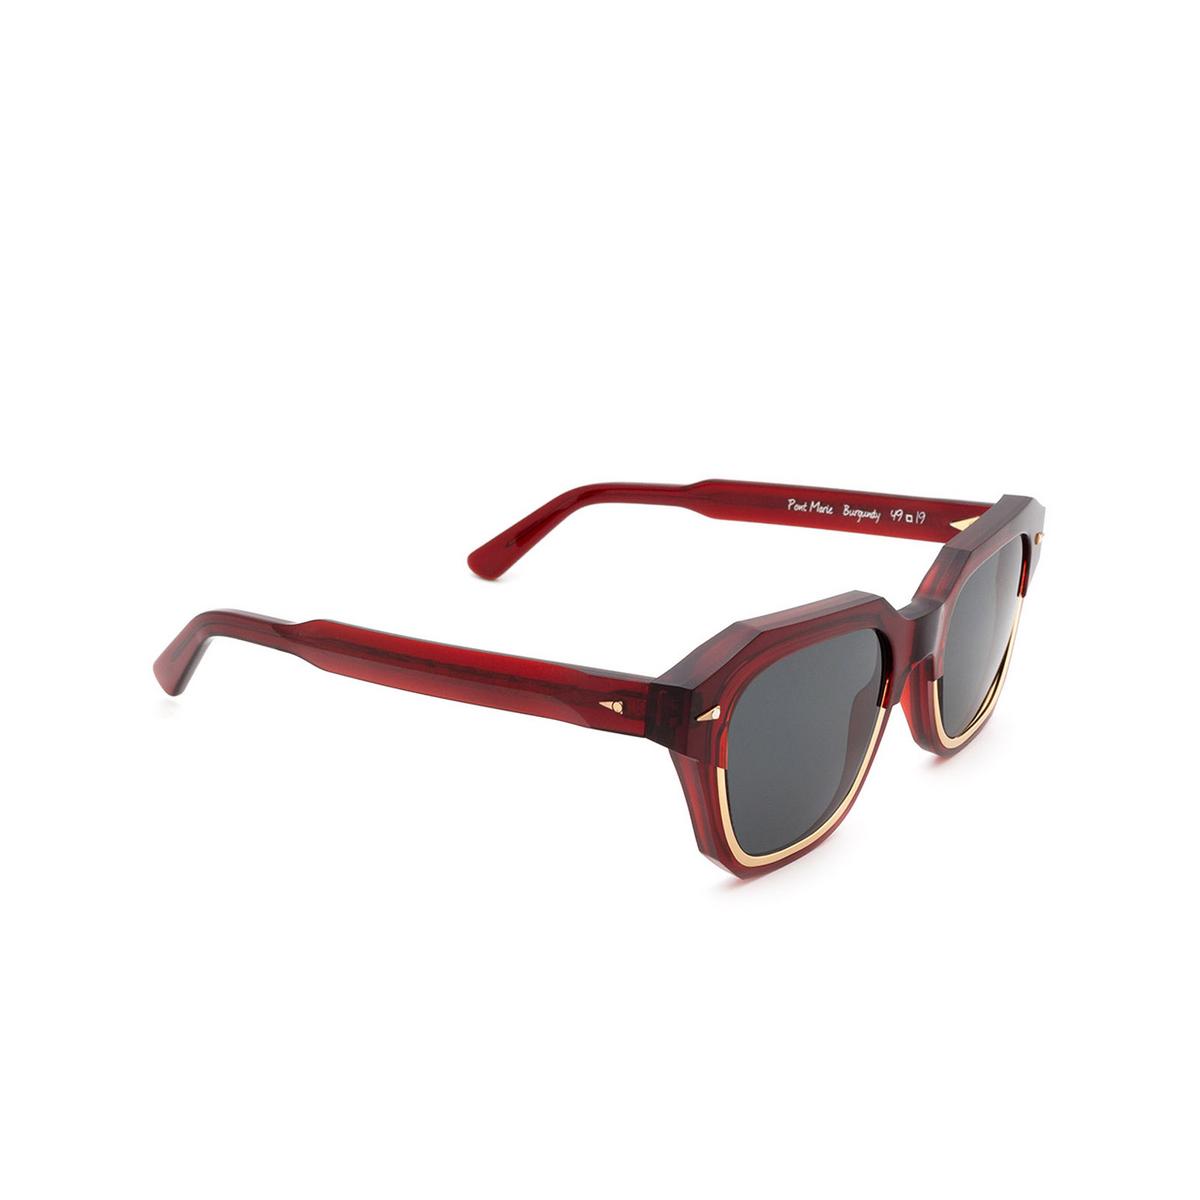 Ahlem® Square Sunglasses: Pont Marie color Burgundy.